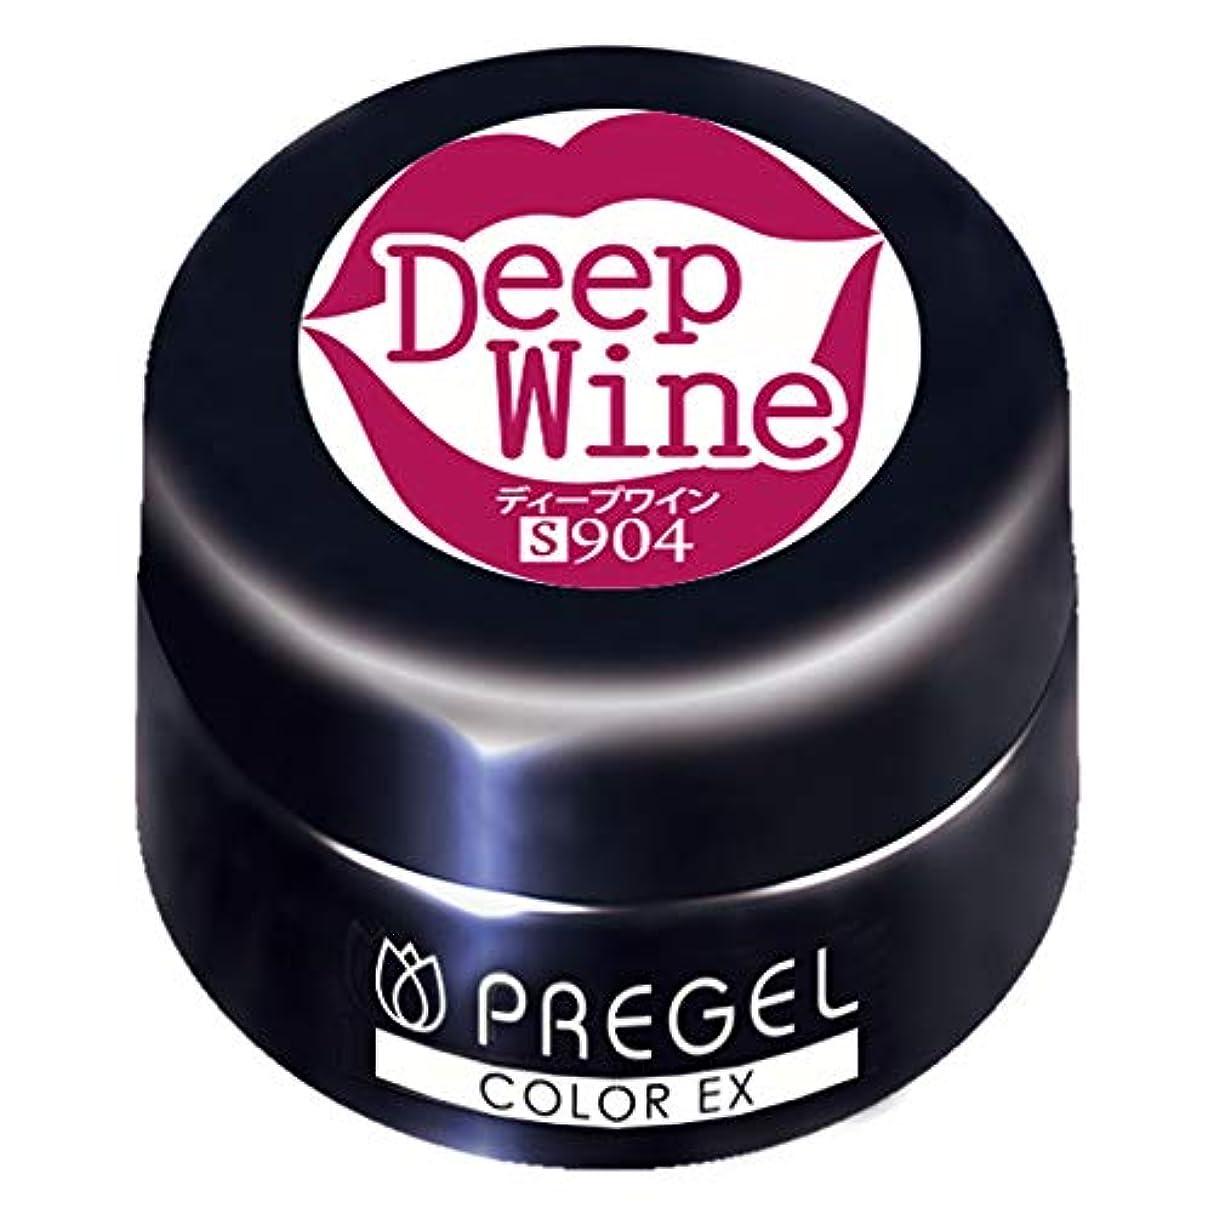 送料コック平日PRE GEL カラーEX ディープワイン 3g PG-CE904